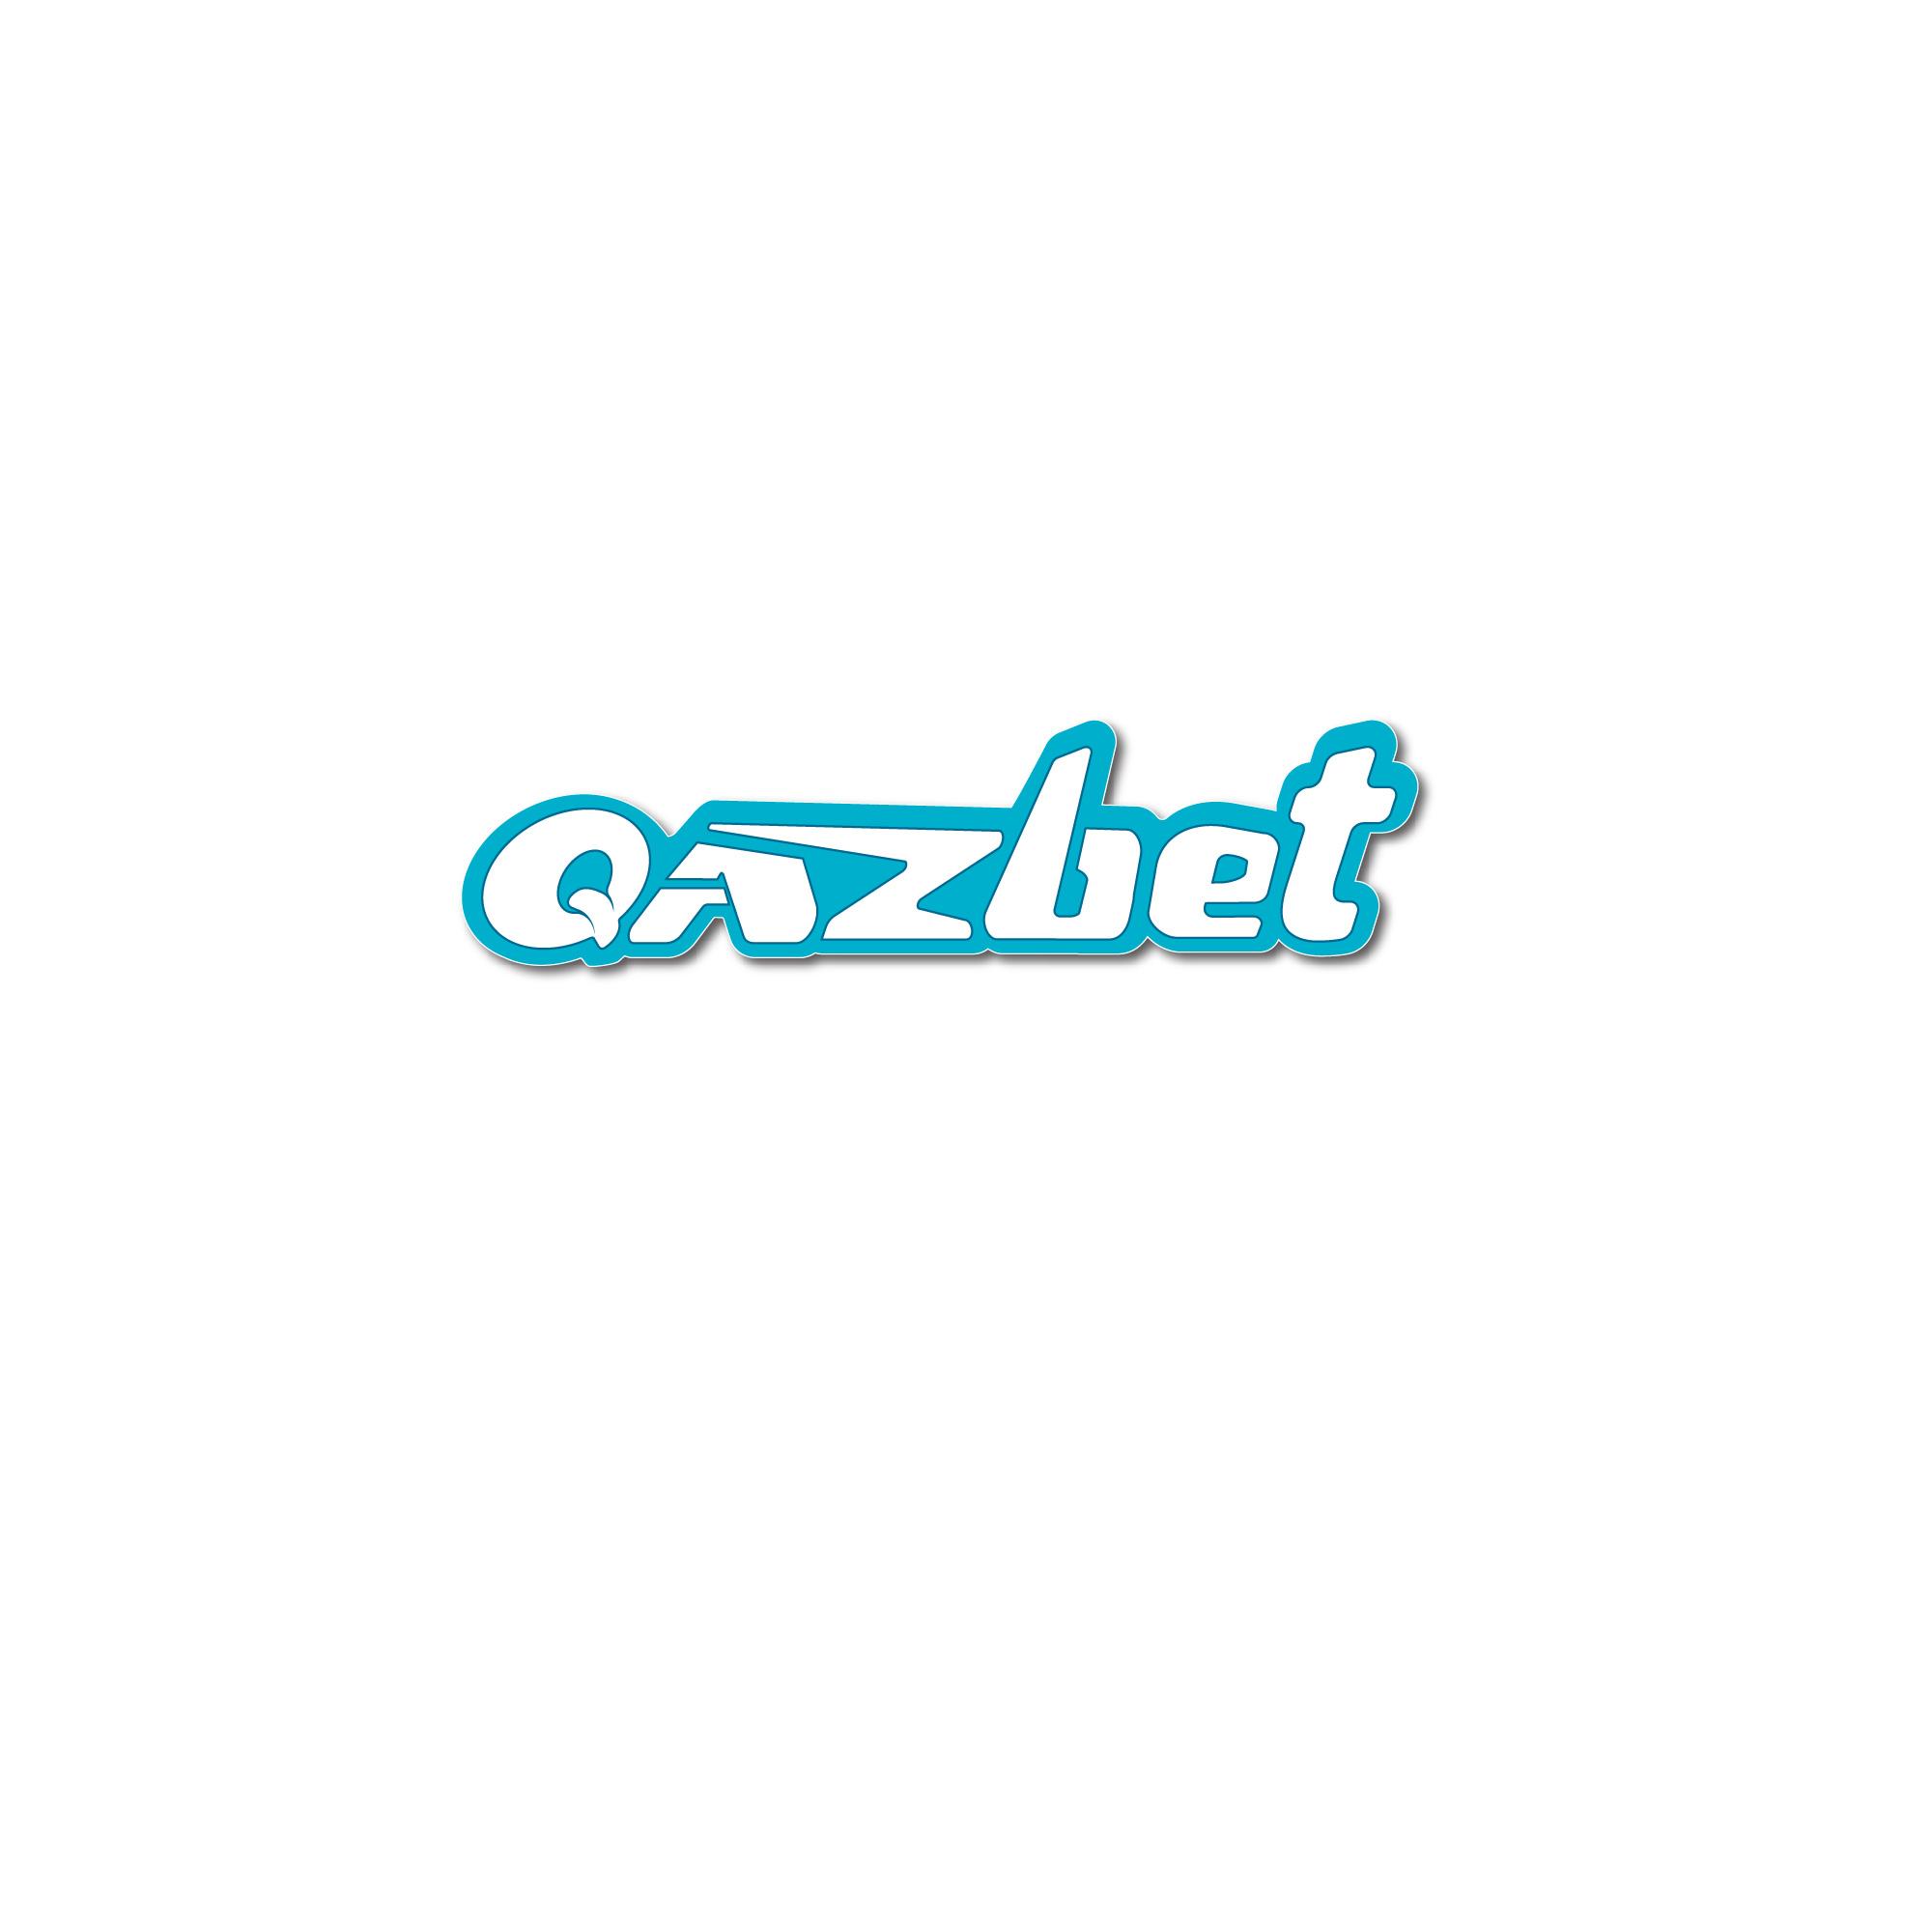 Разработать современный логотип фото f_9175de4d4fce777e.jpg